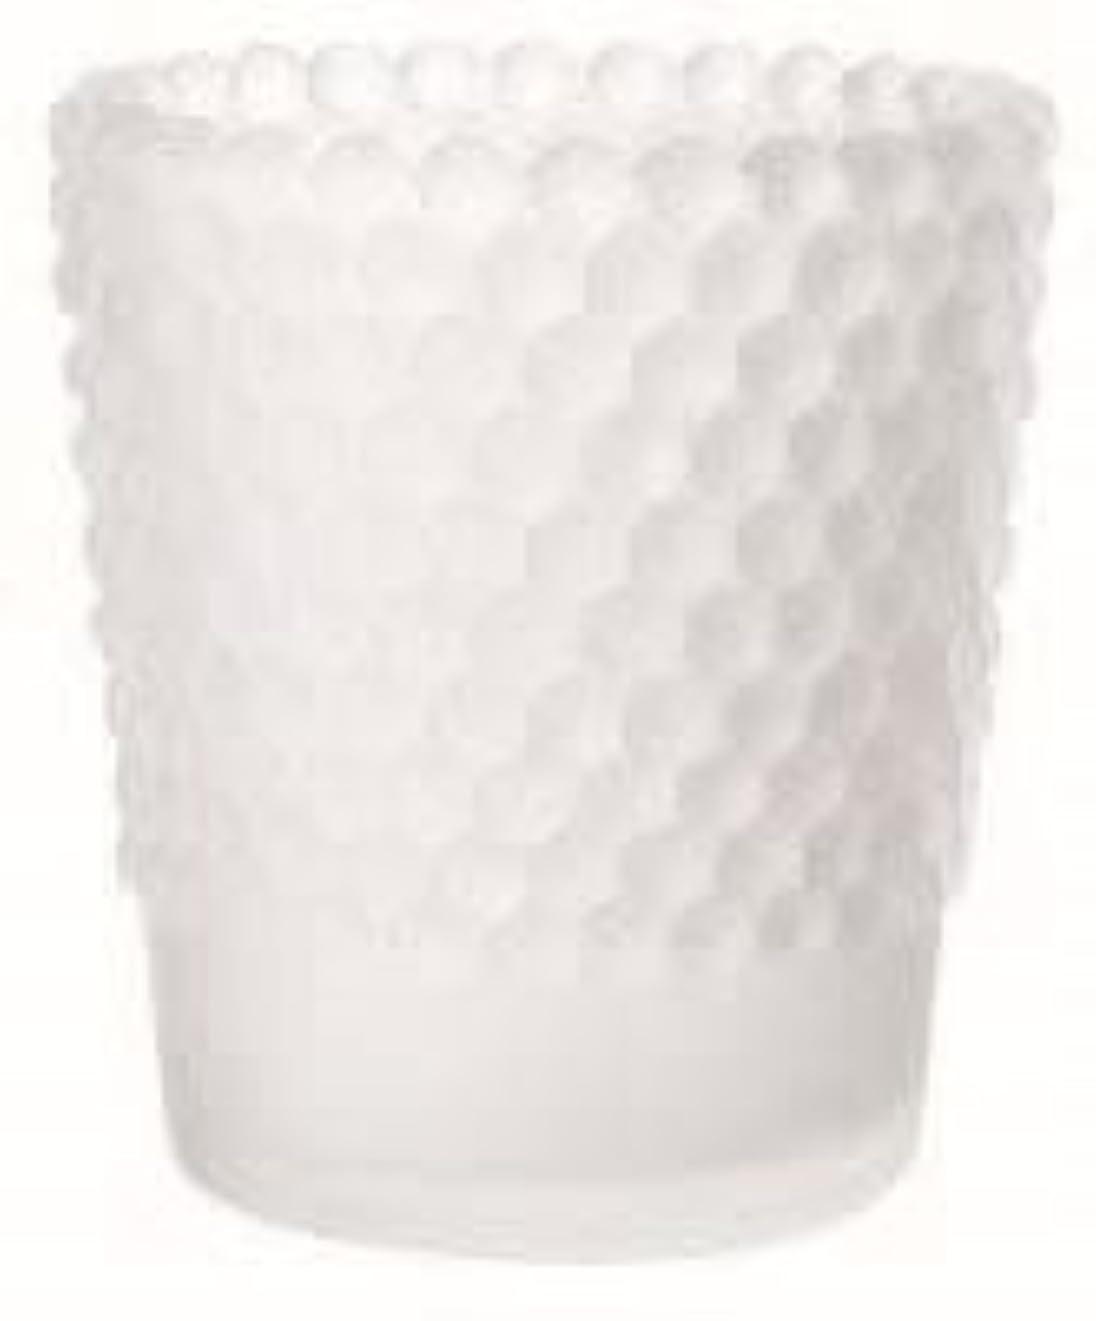 機知に富んだ記者販売計画カメヤマキャンドル(kameyama candle) ホビネルグラス 「 フロストホワイト 」6個セット